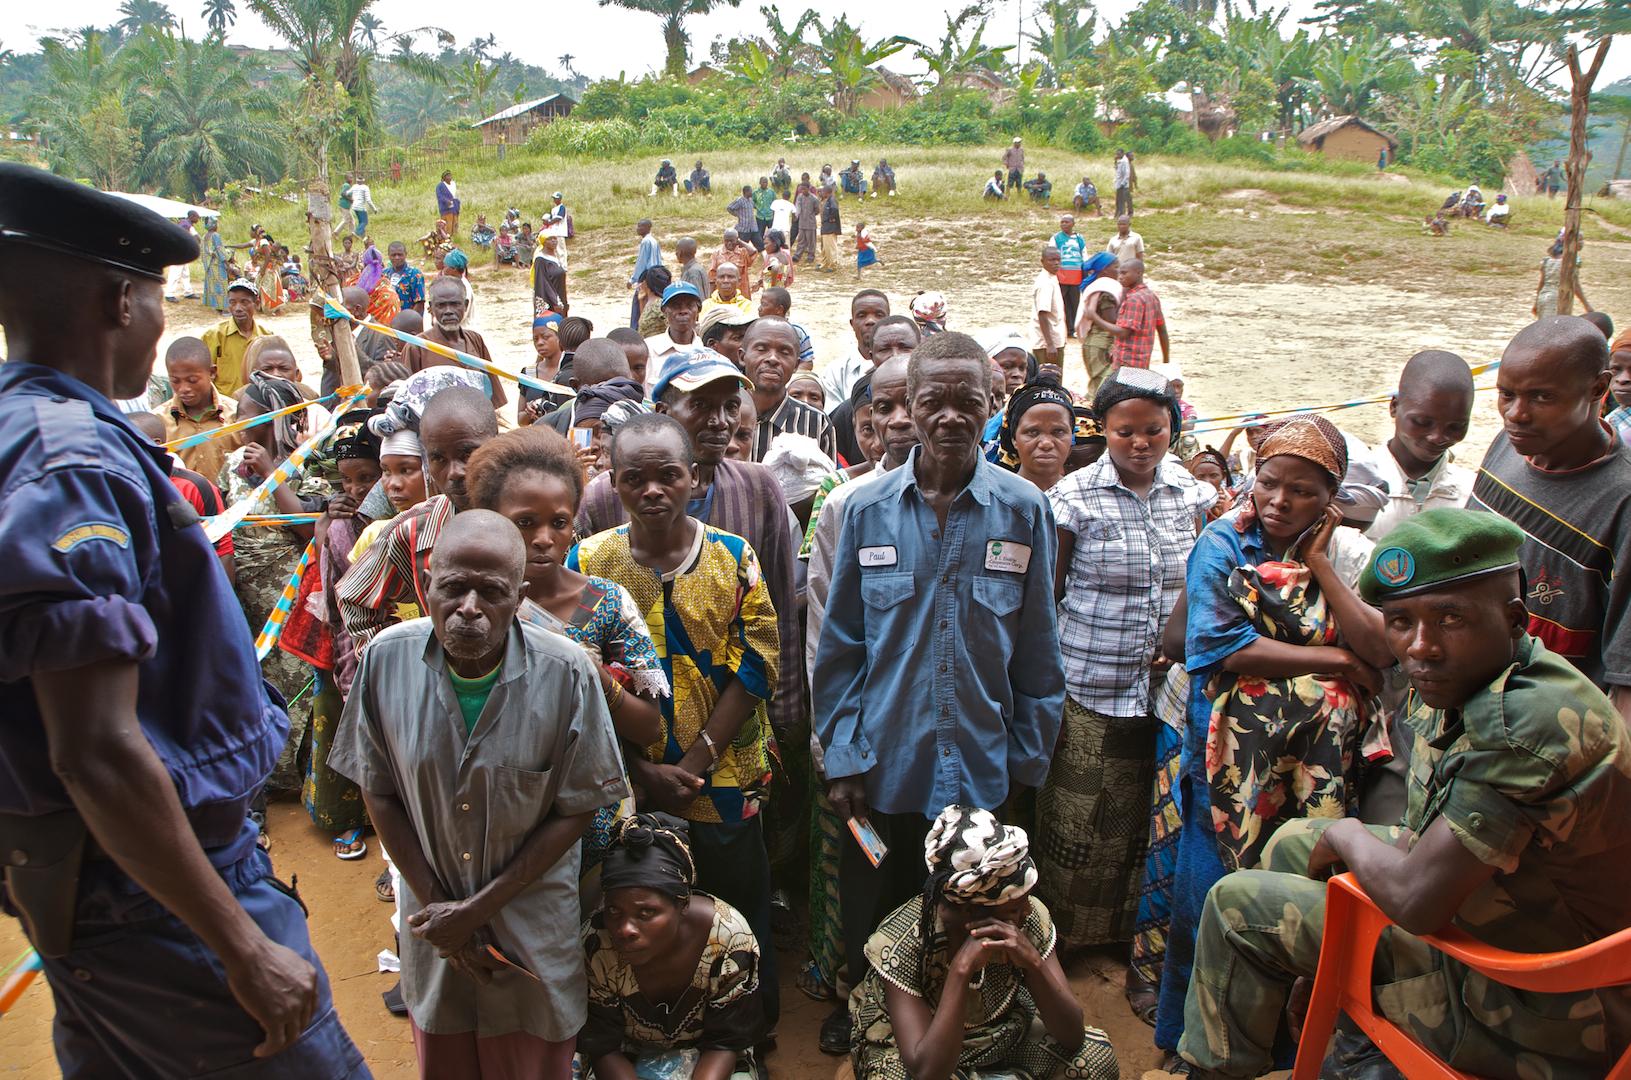 Jour de vote à Bunyakiri: Une foule fait la queue devant un bureau de vote pendant les élections nationales de 2011 (© Alexis Bouvy, 2011).